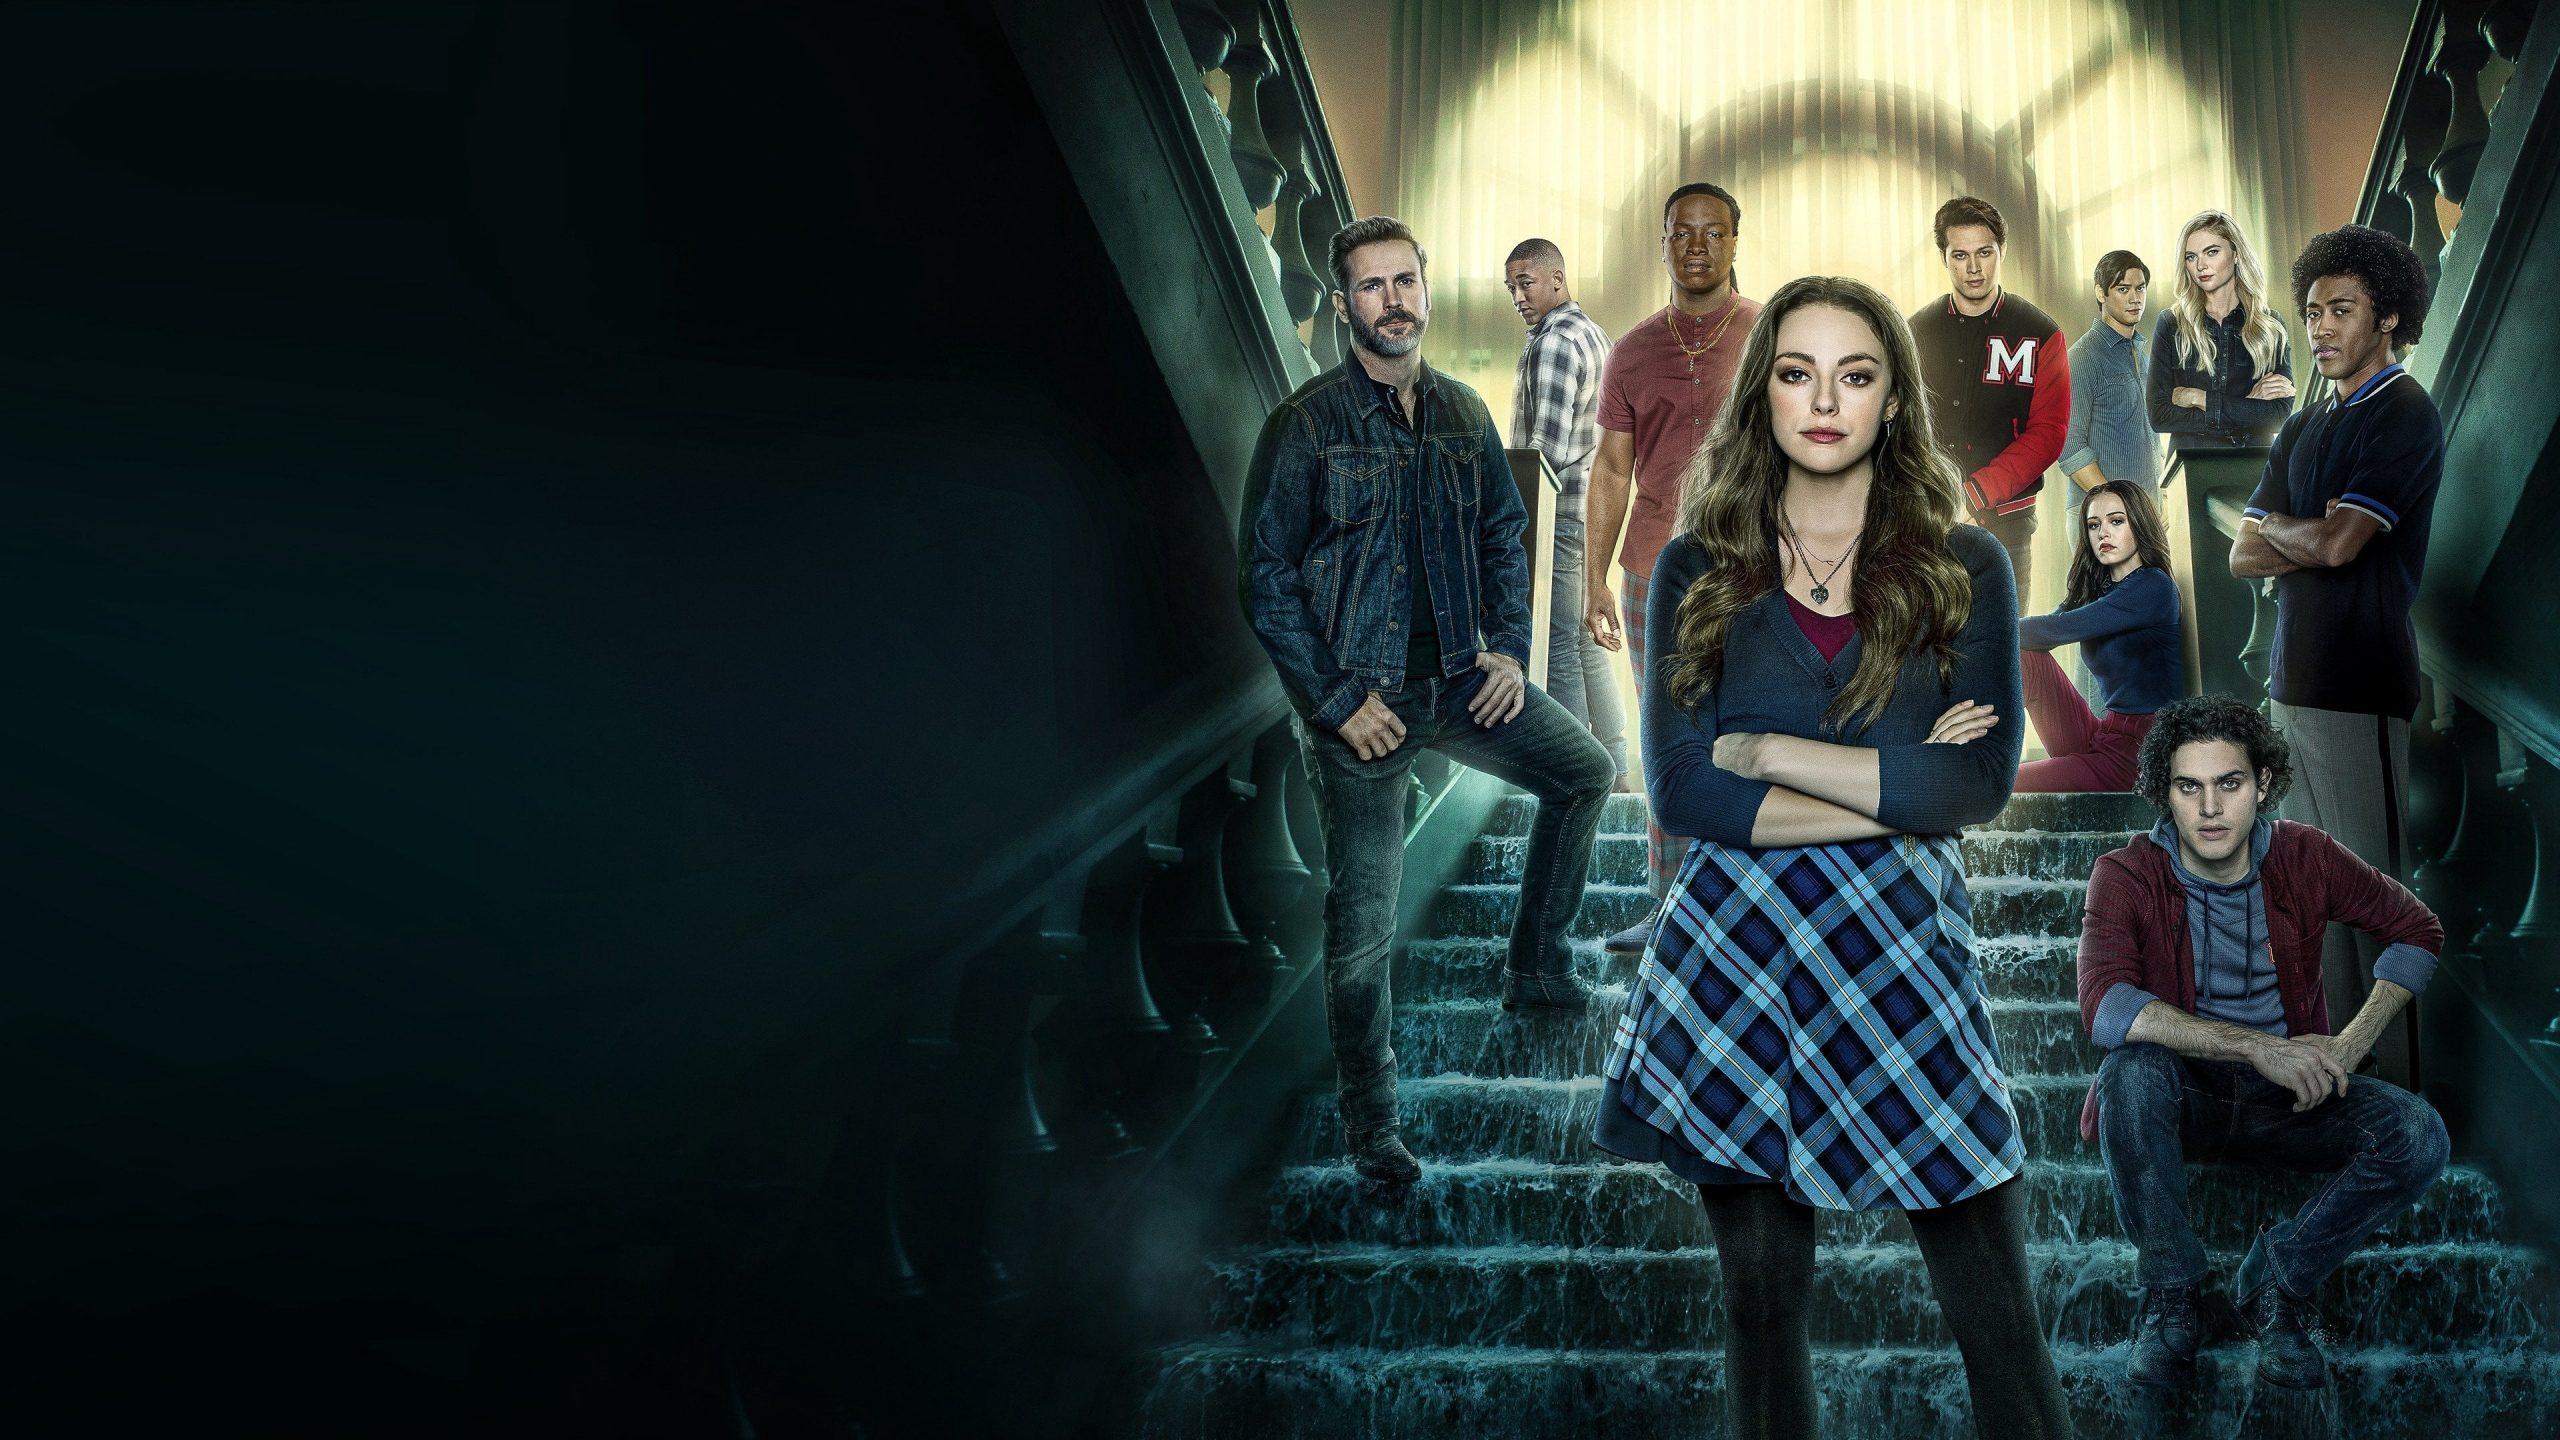 Preview: Legacies Season 3 Episode 5